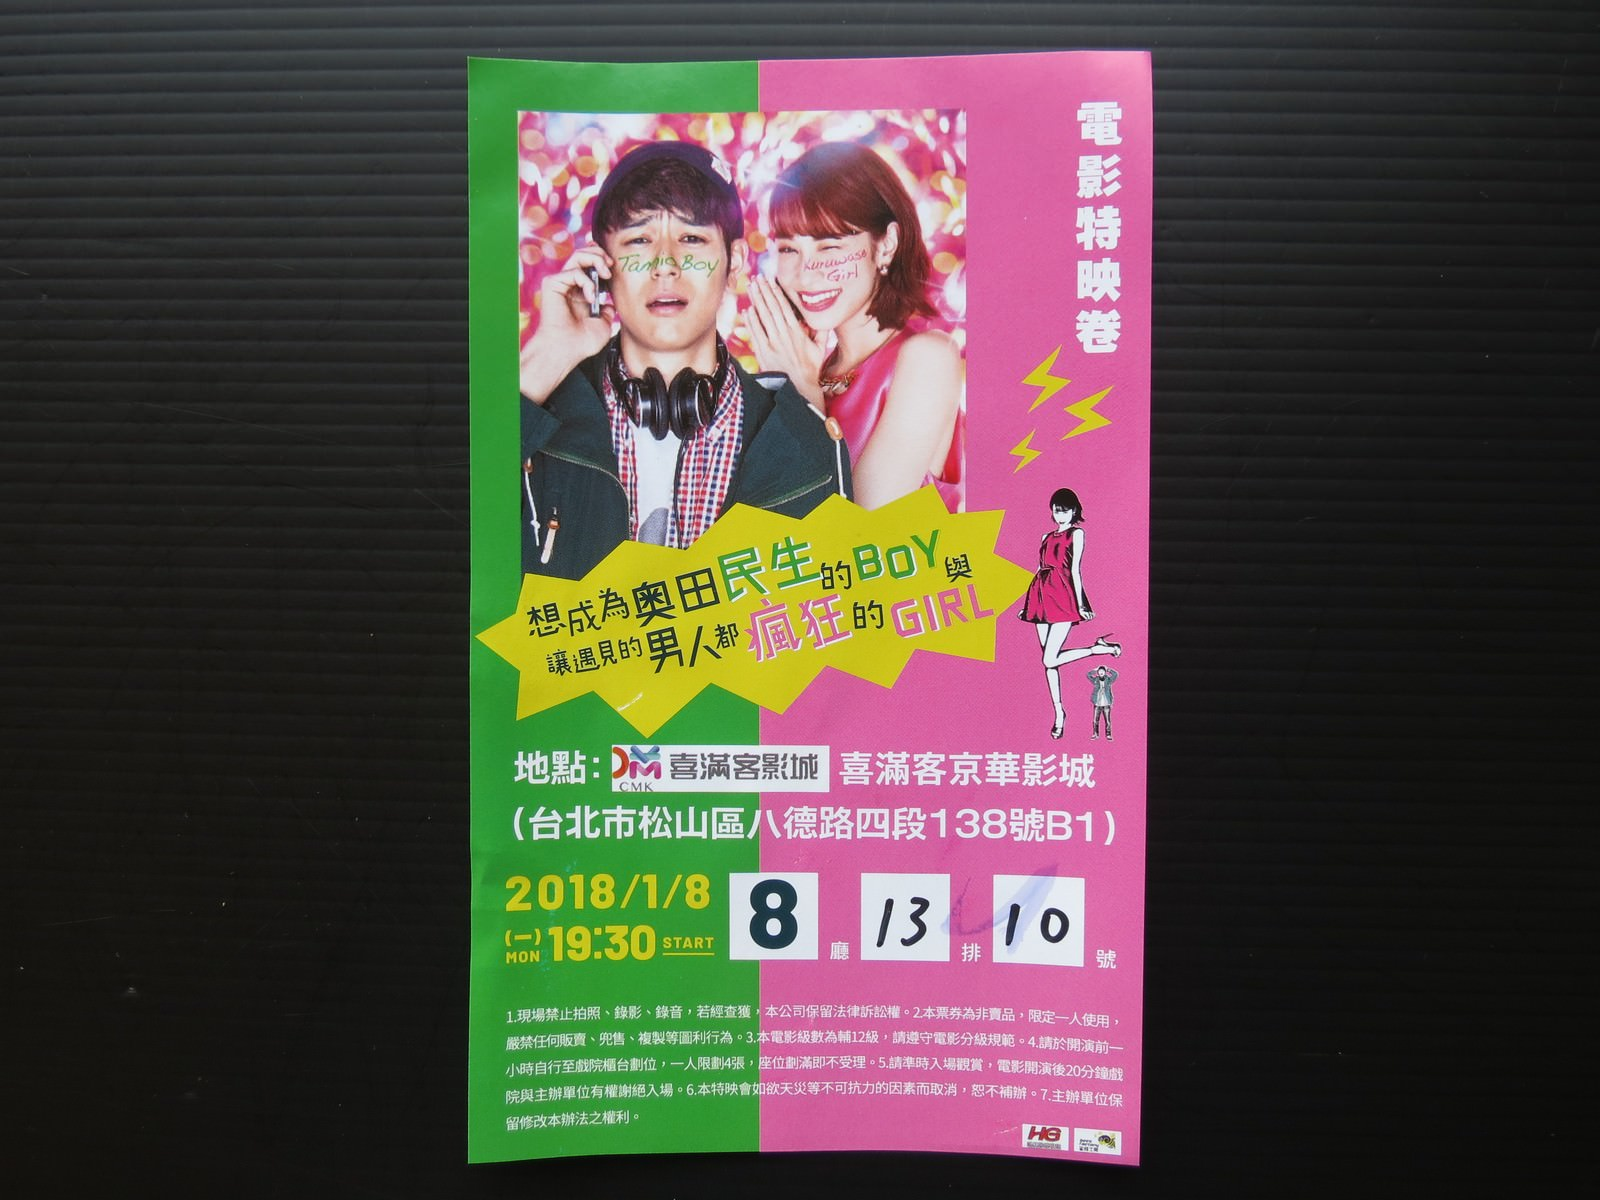 Movie, Movie, 奥田民生になりたいボーイと出会う男すべて狂わせるガール(日本) / 想成為奧田民生的BOY與讓遇見的男人都瘋狂的GIRL(台灣) / Tornado Girl(英文), 特映會電影票